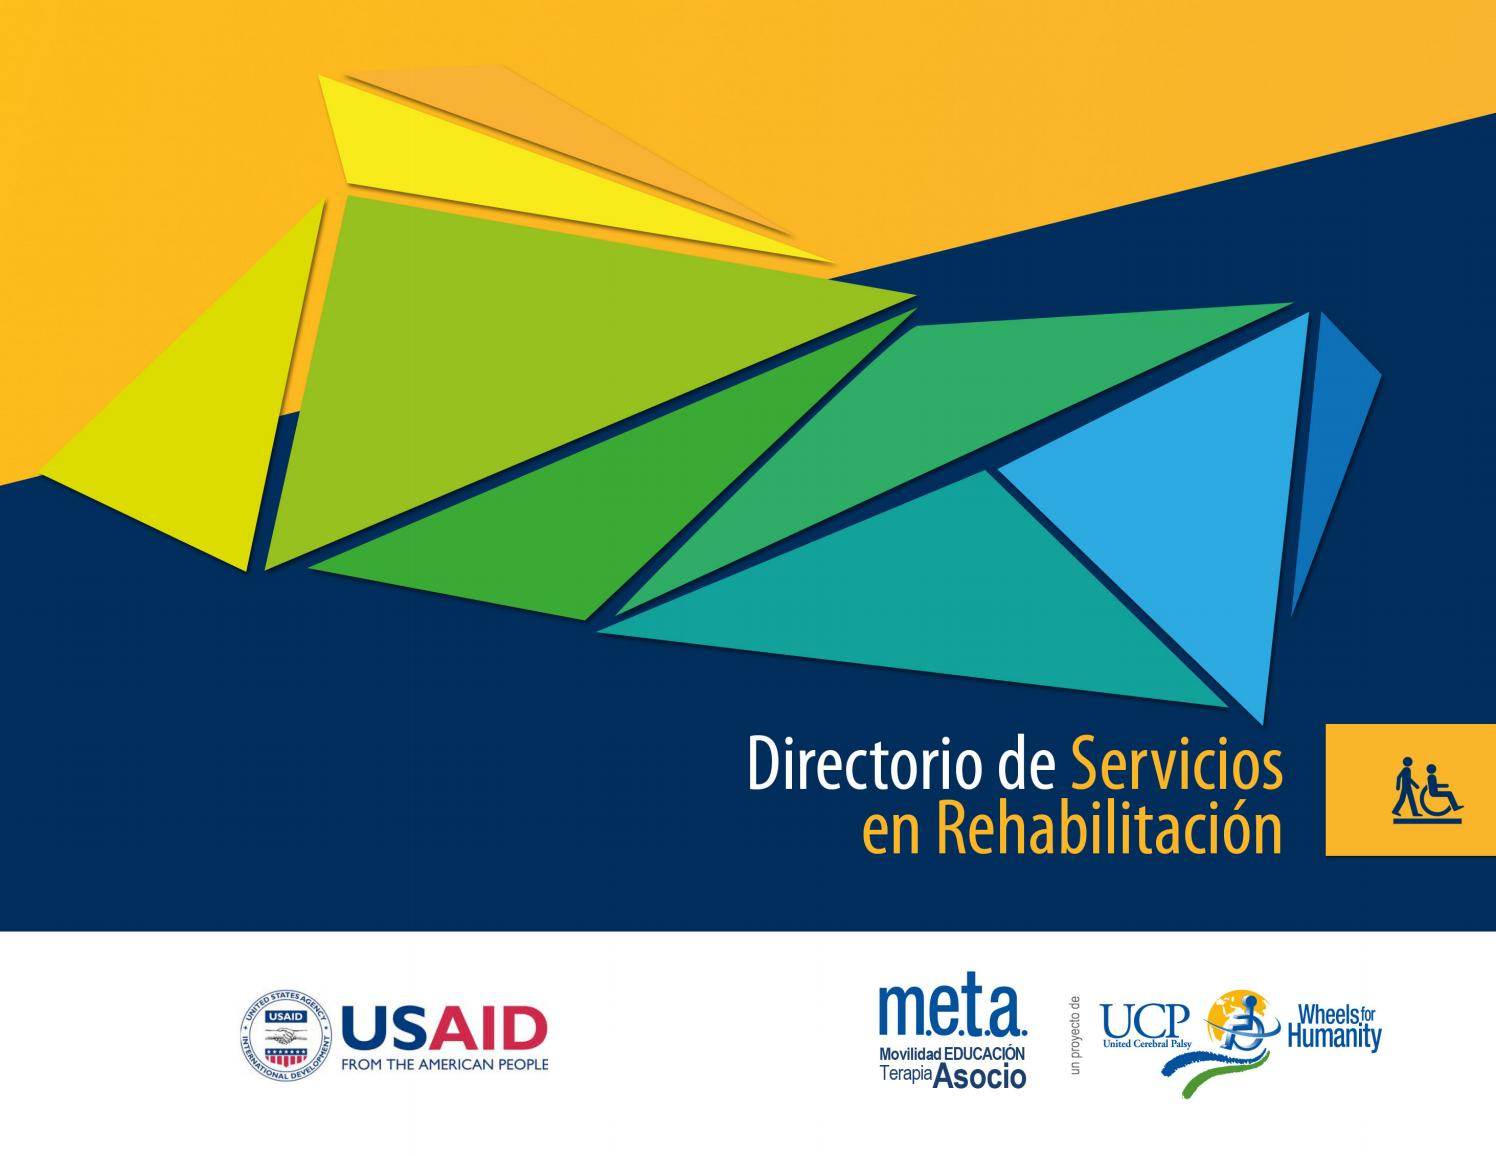 Directorio de Servicios en Rehabilitación by 2pix Studio - issuu